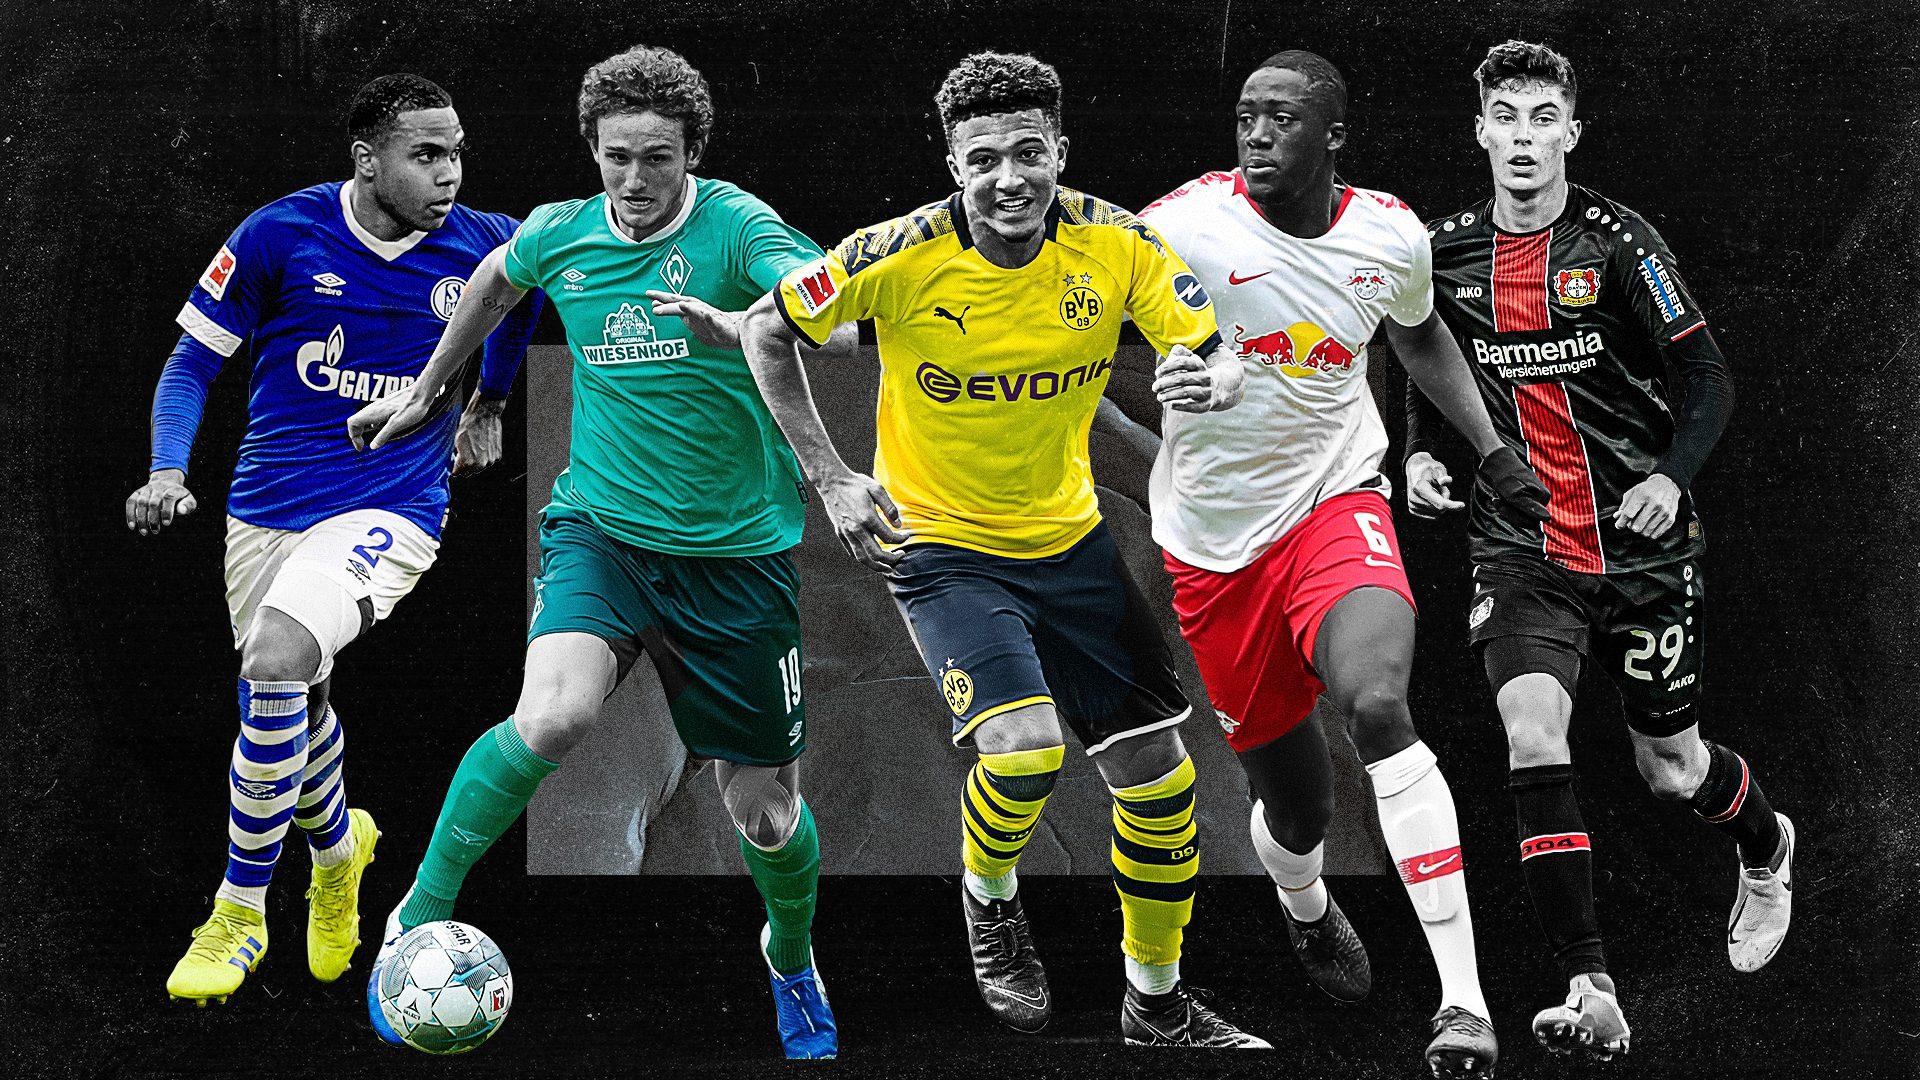 Los jóvenes a seguir en la Bundesliga 2019/20